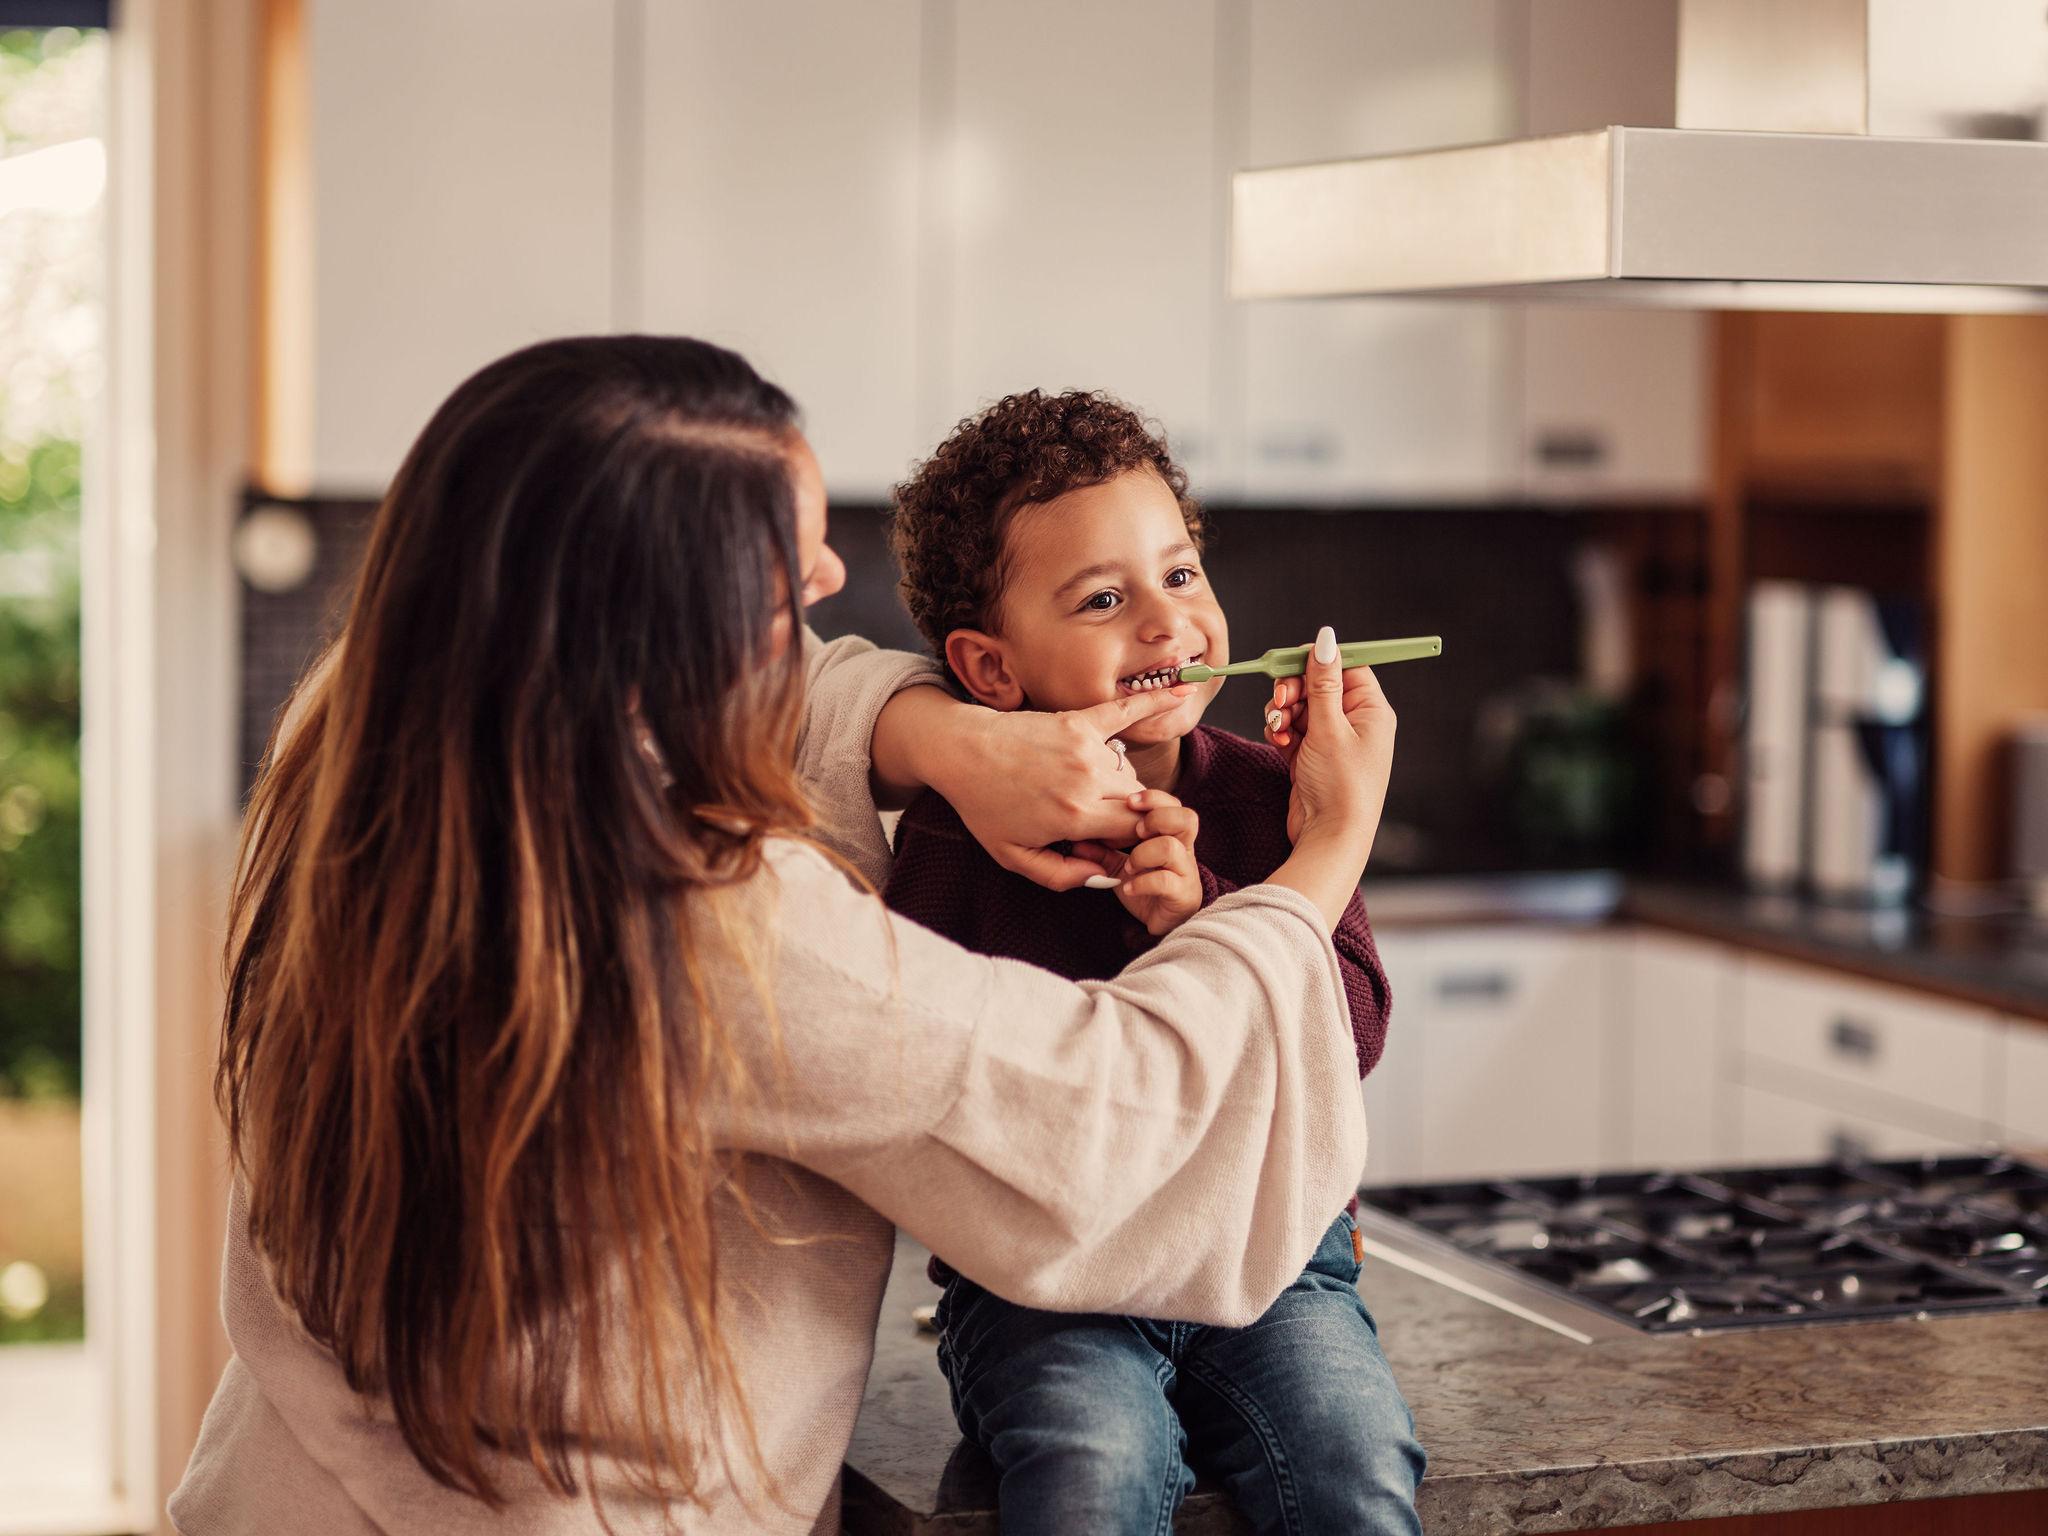 Mamma borstar tänderna på sin son i köket, fotograferat av Satu Knape fotograf i Linköping